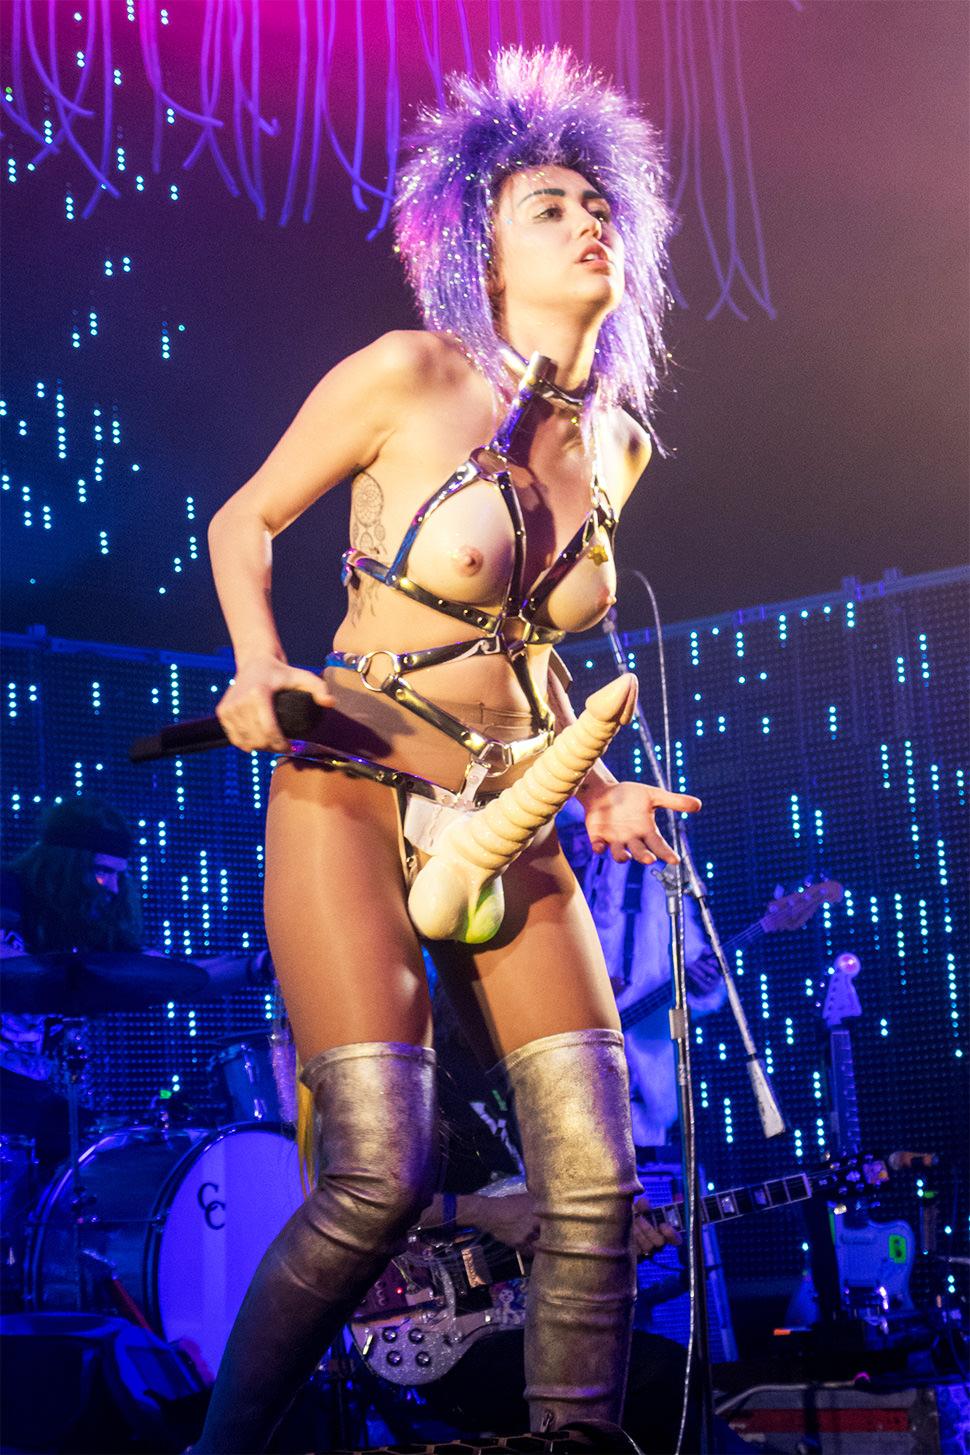 Príapo, la otra cara de Myley Cyrus